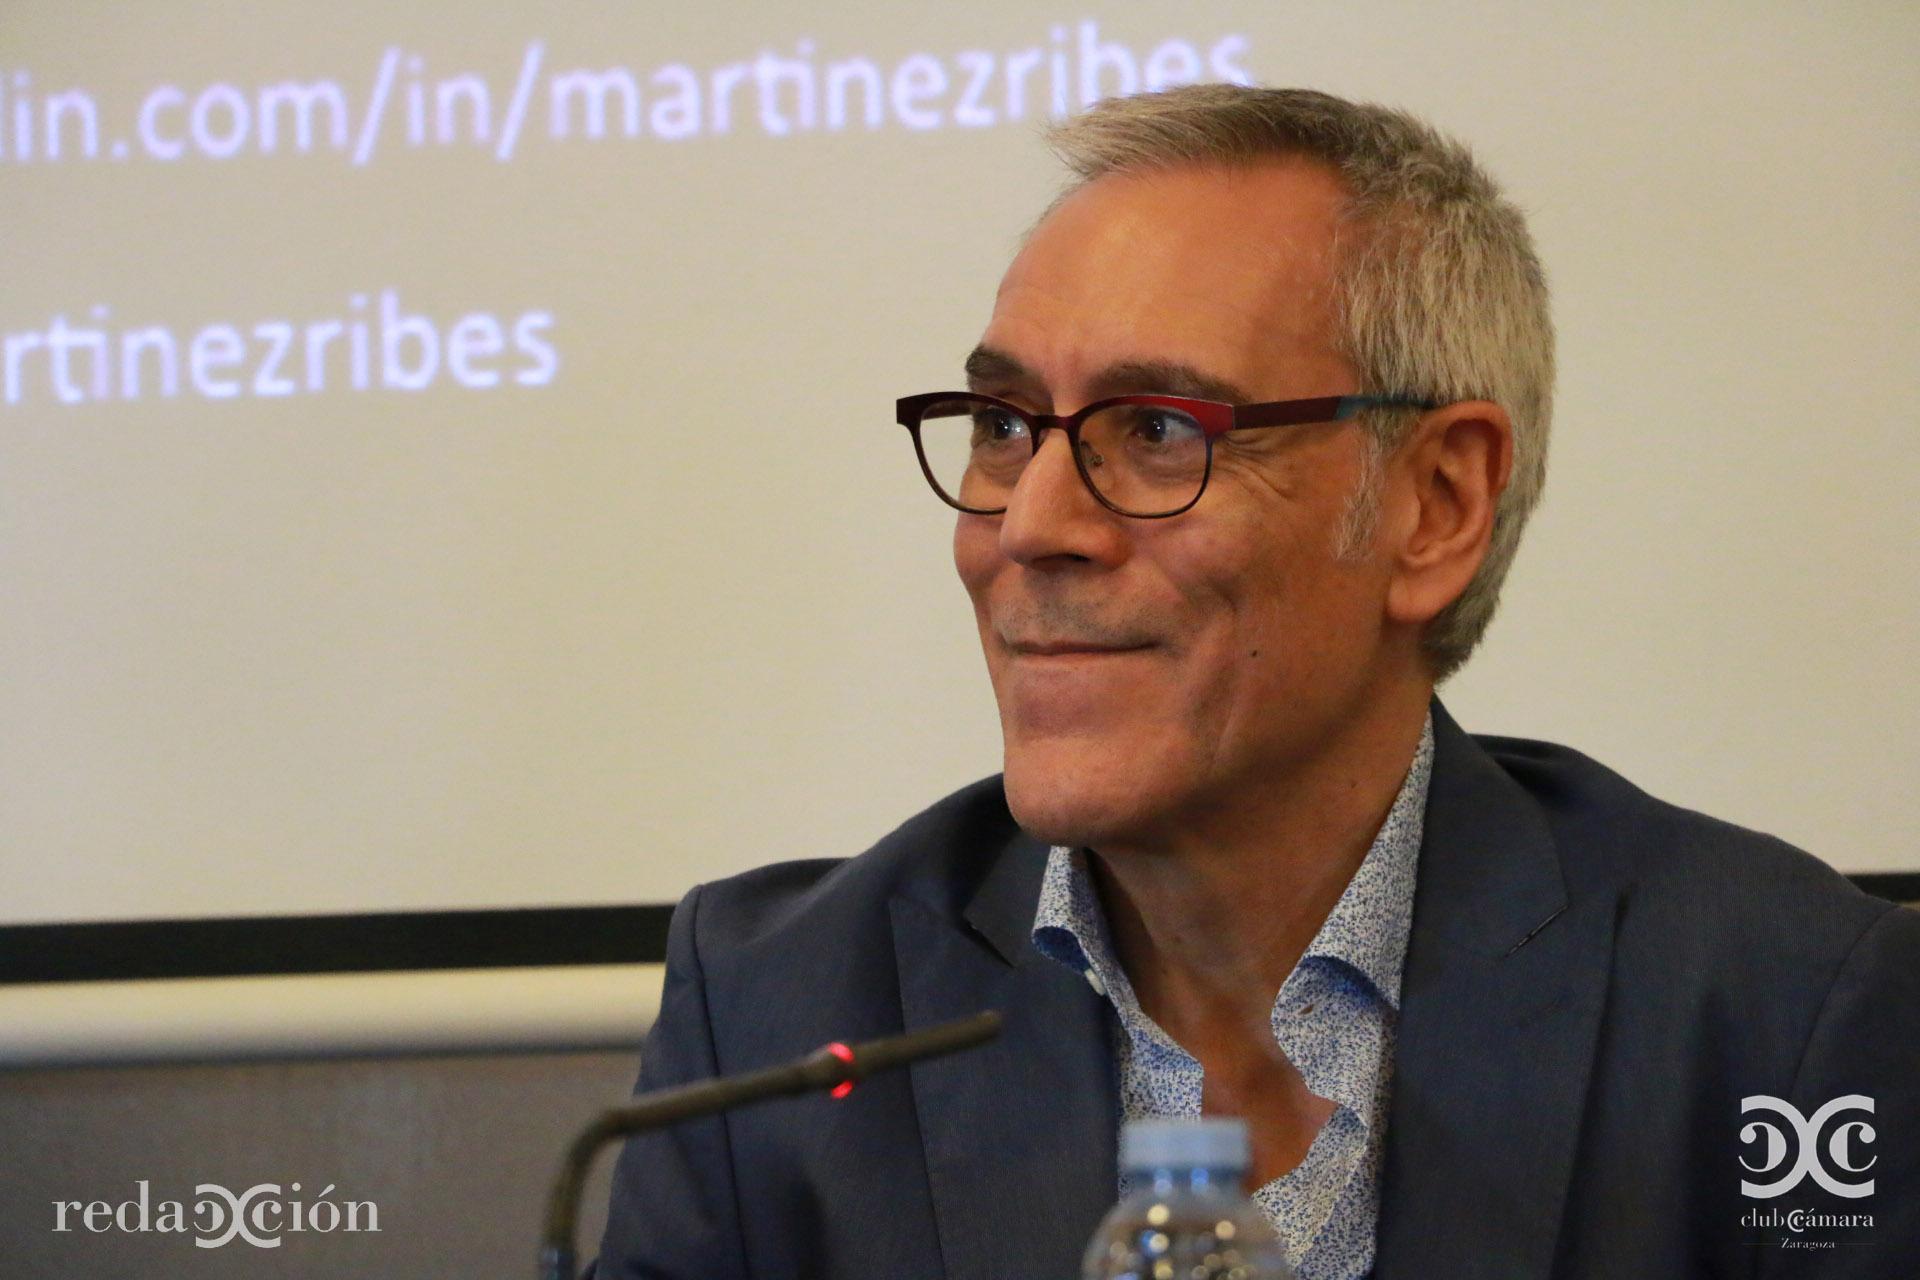 Lluís Martínez-Ribes